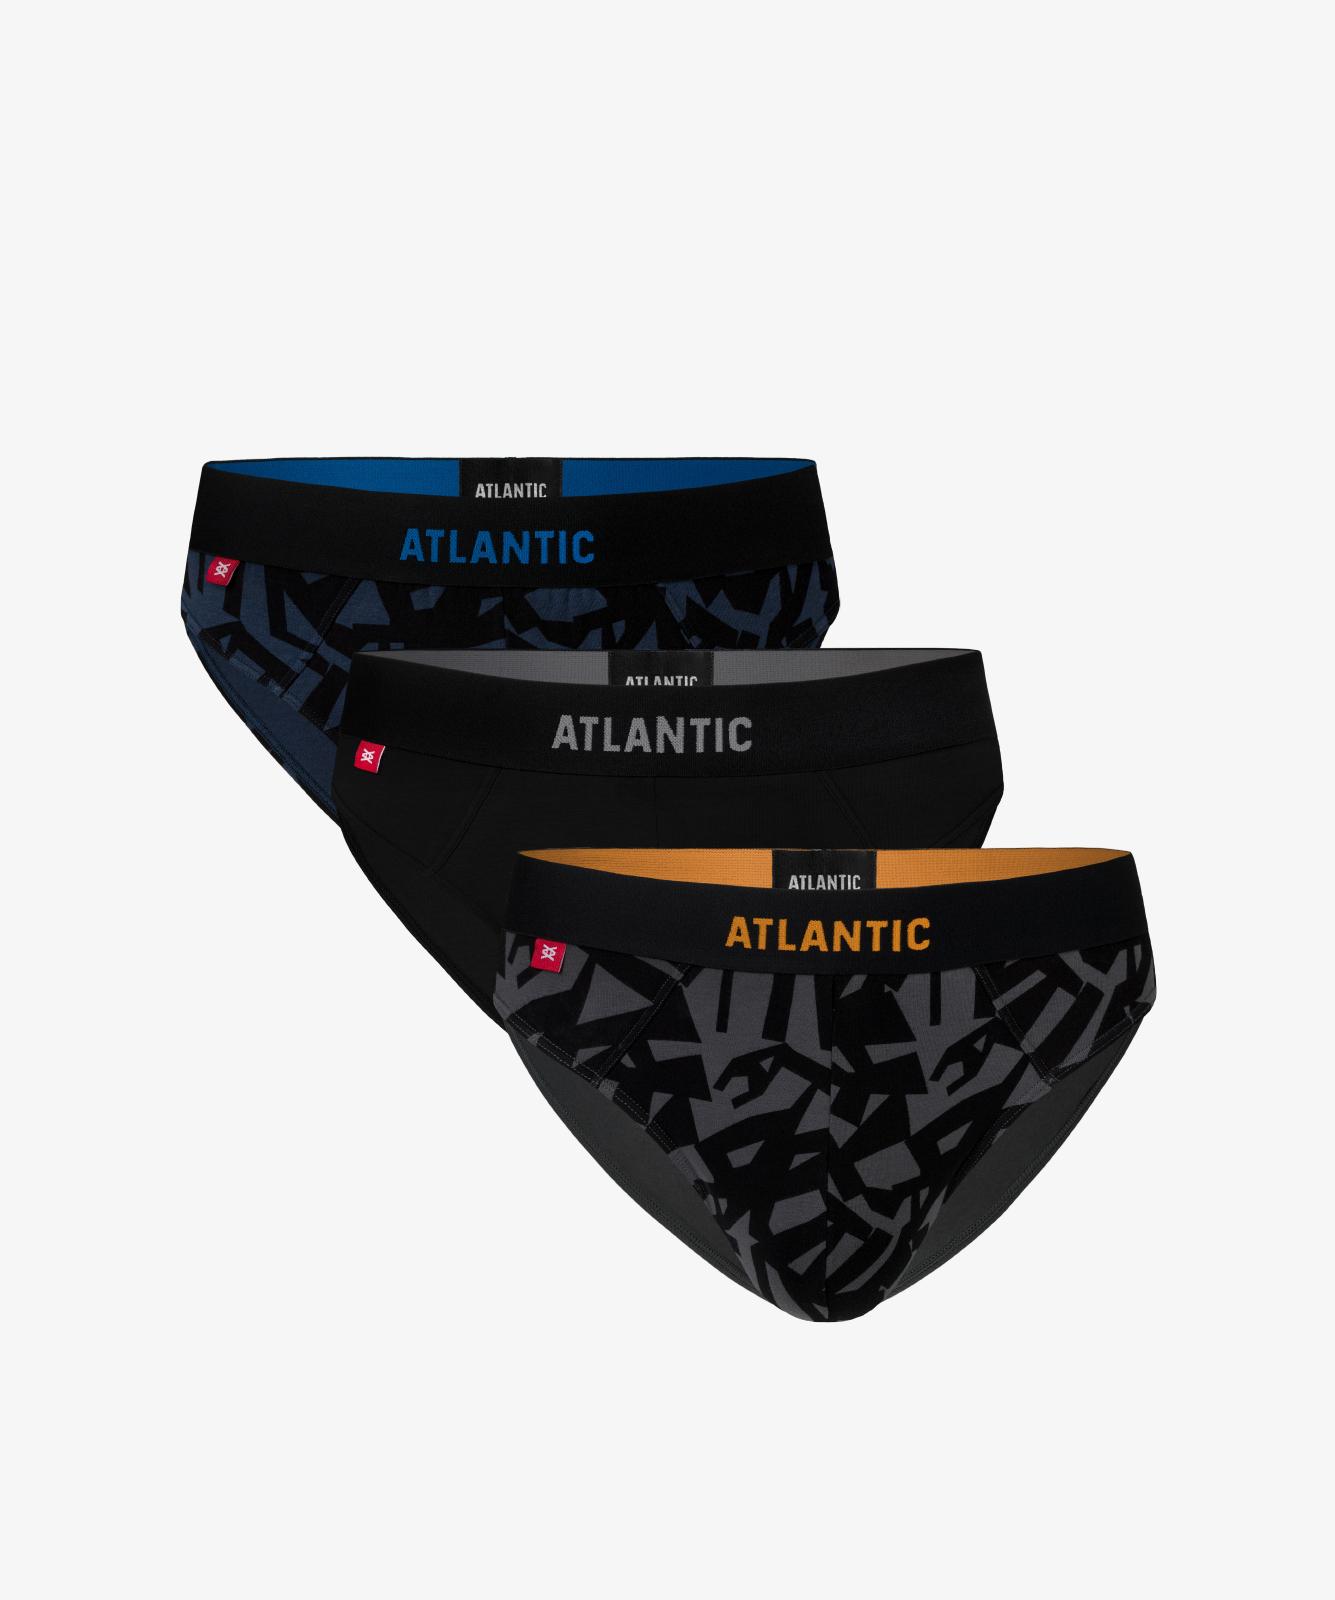 Мужские трусы слипы спорт Atlantic, набор 3 шт., хлопок, деним + черные + графит, 3MP-104